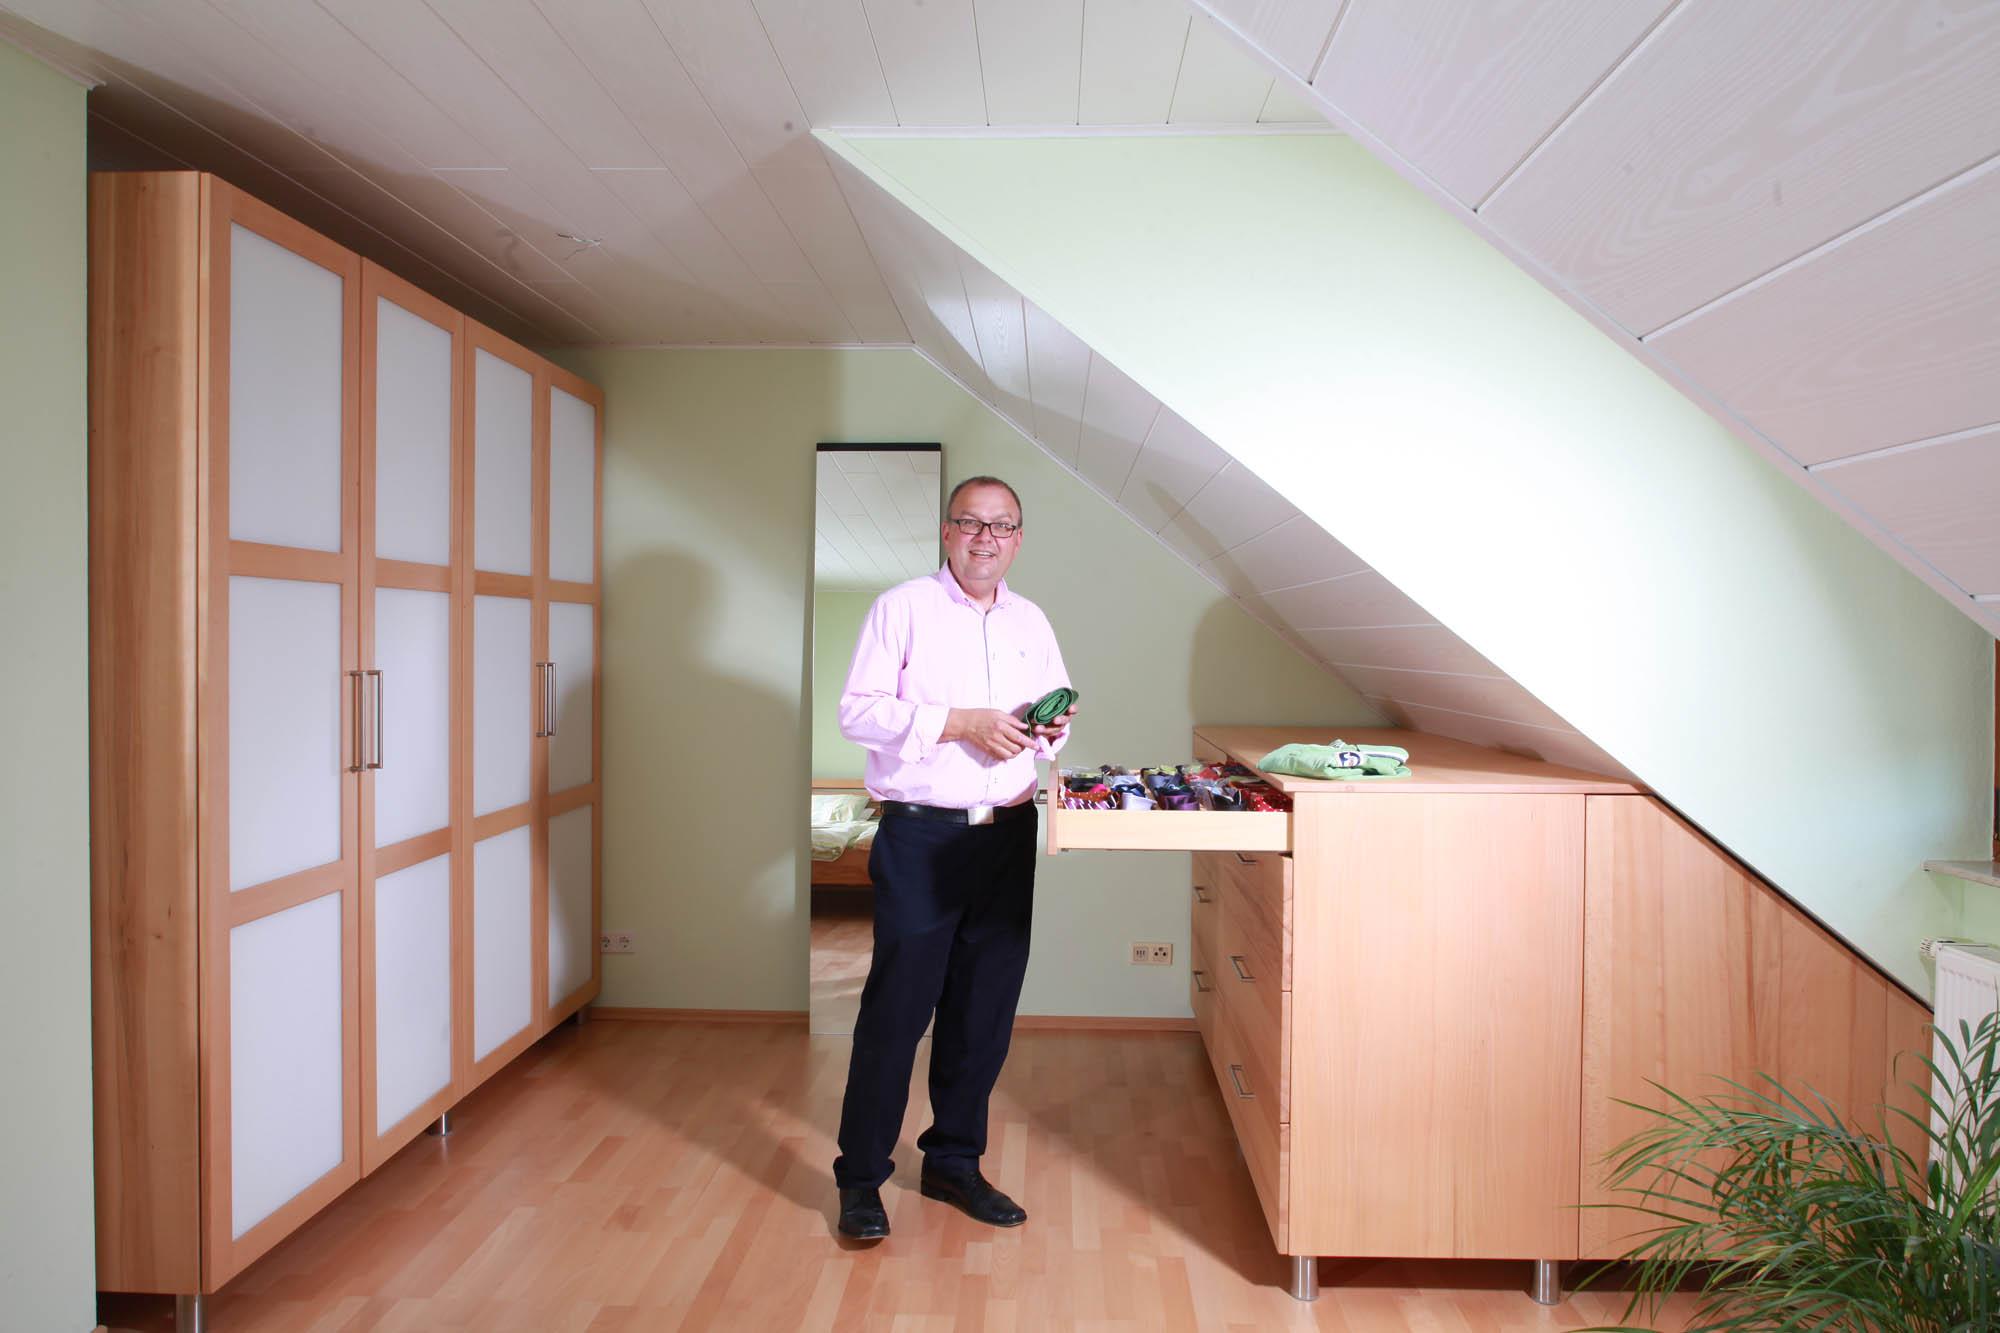 Fußboden Schlafzimmer Nürnberg ~ Das gesunde schlafzimmer vom fußboden über die massivholzmöbel bis